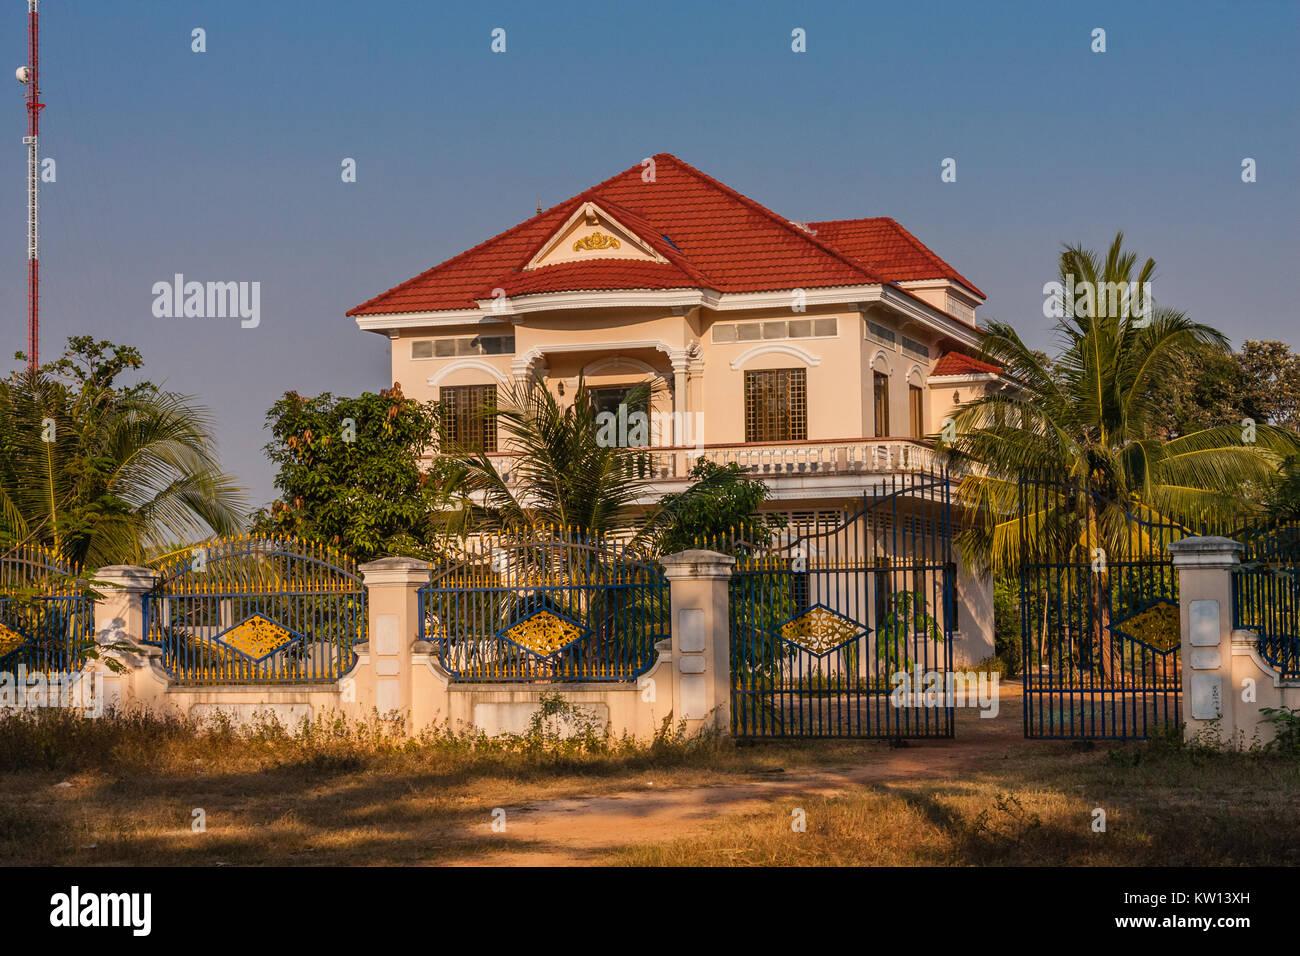 Ein wohlhabender Haus in einem Dorf in Kambodscha Stockbild